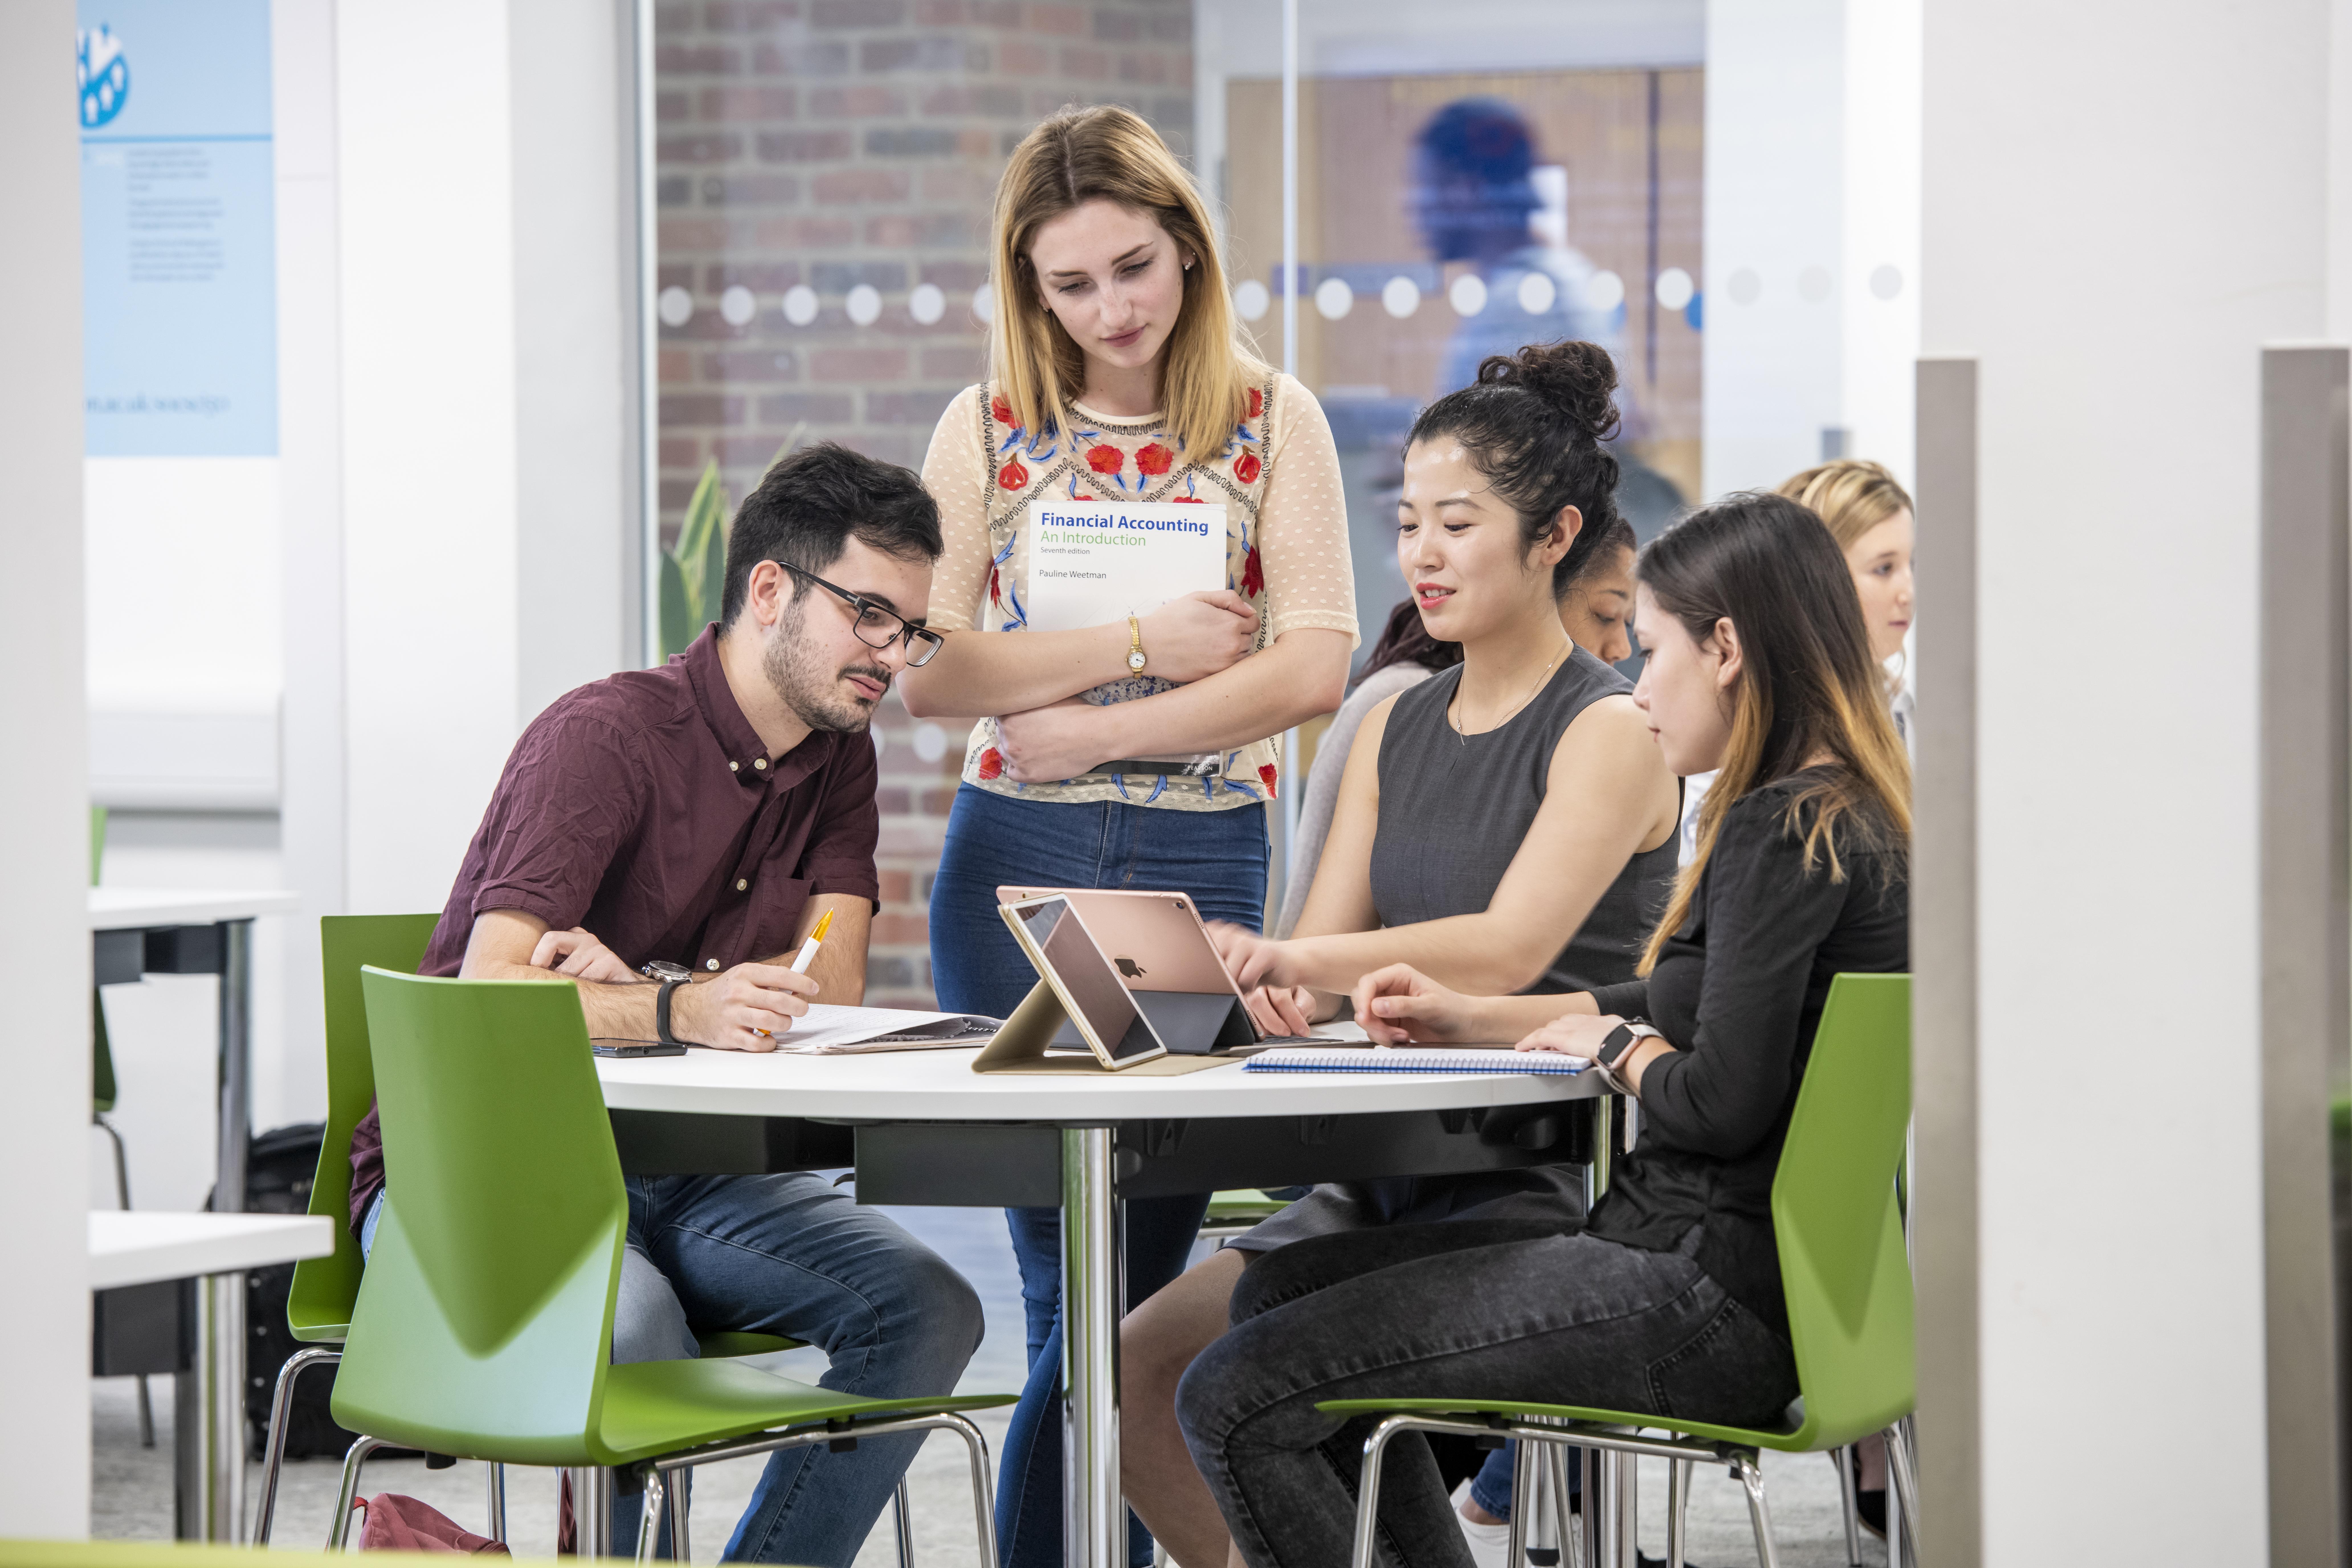 UK business Schools